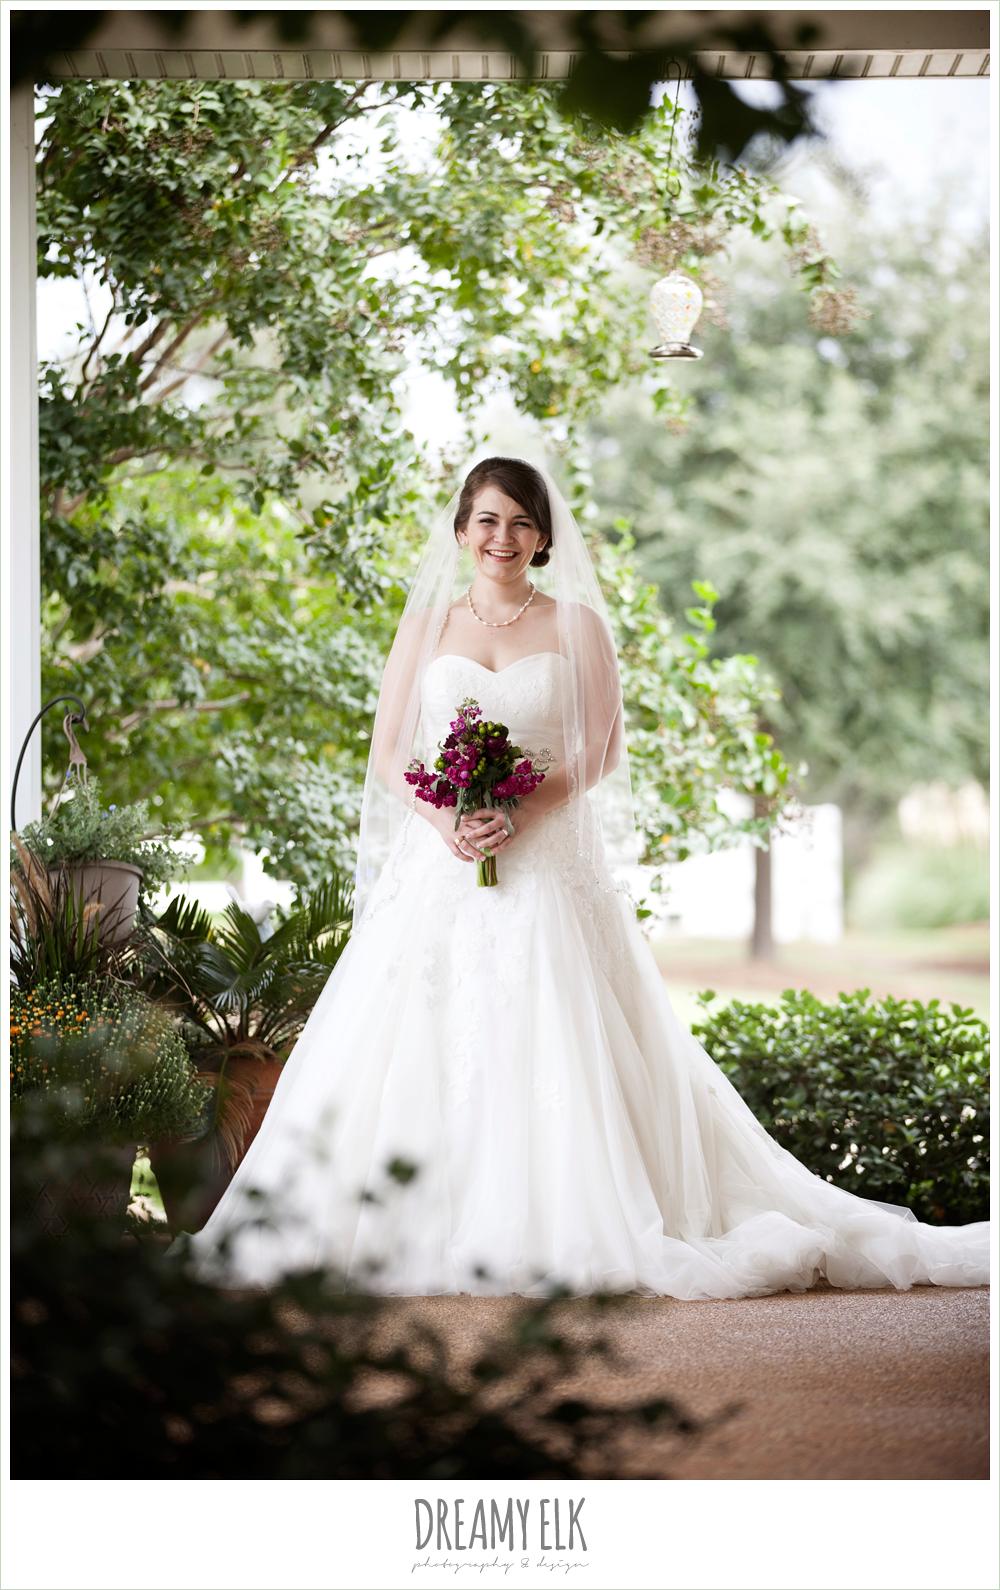 laura, bridal photo contest, inn at quarry ridge